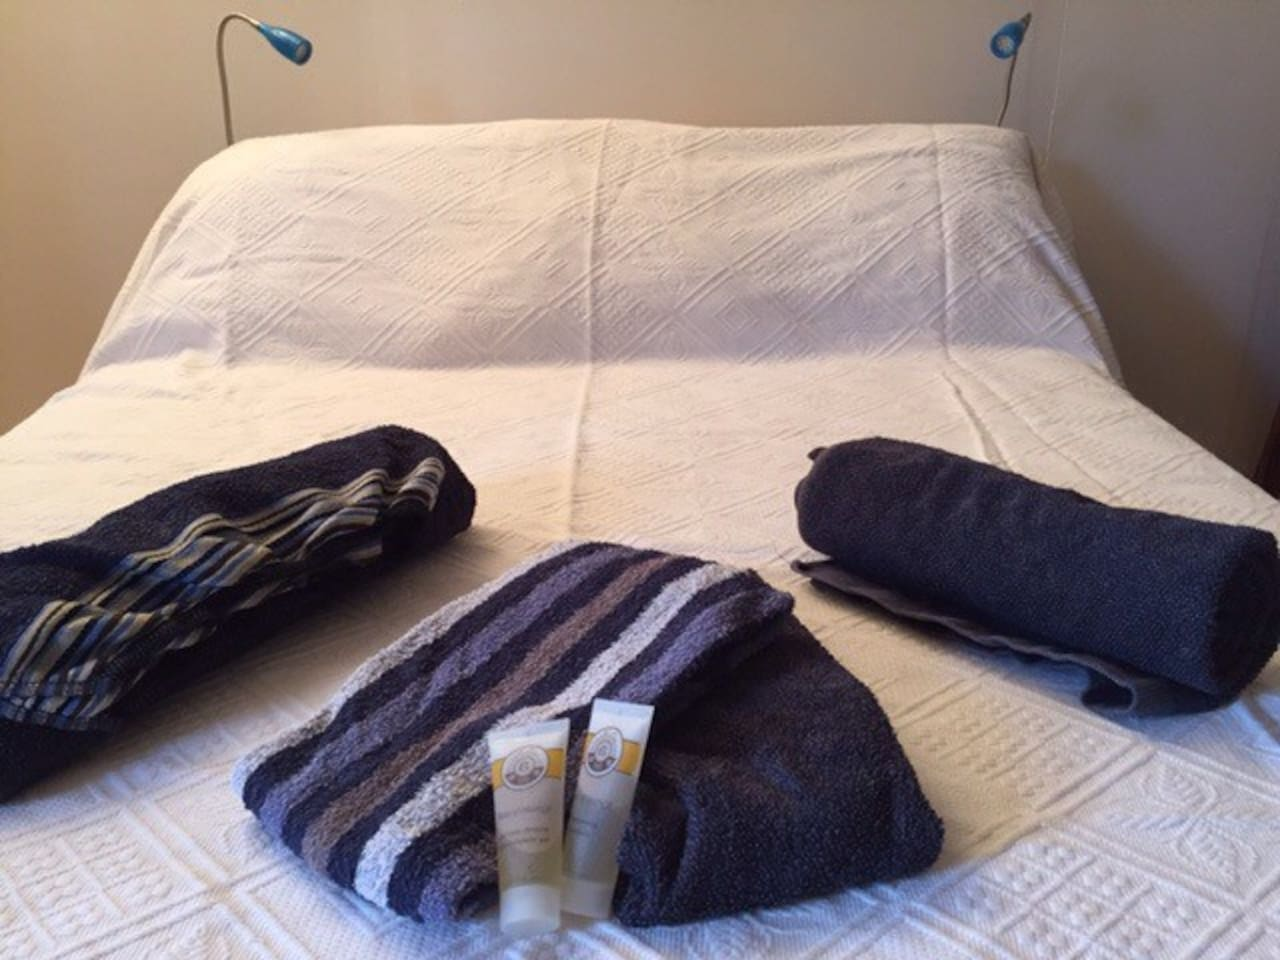 Couchage confortable pour deux personnes